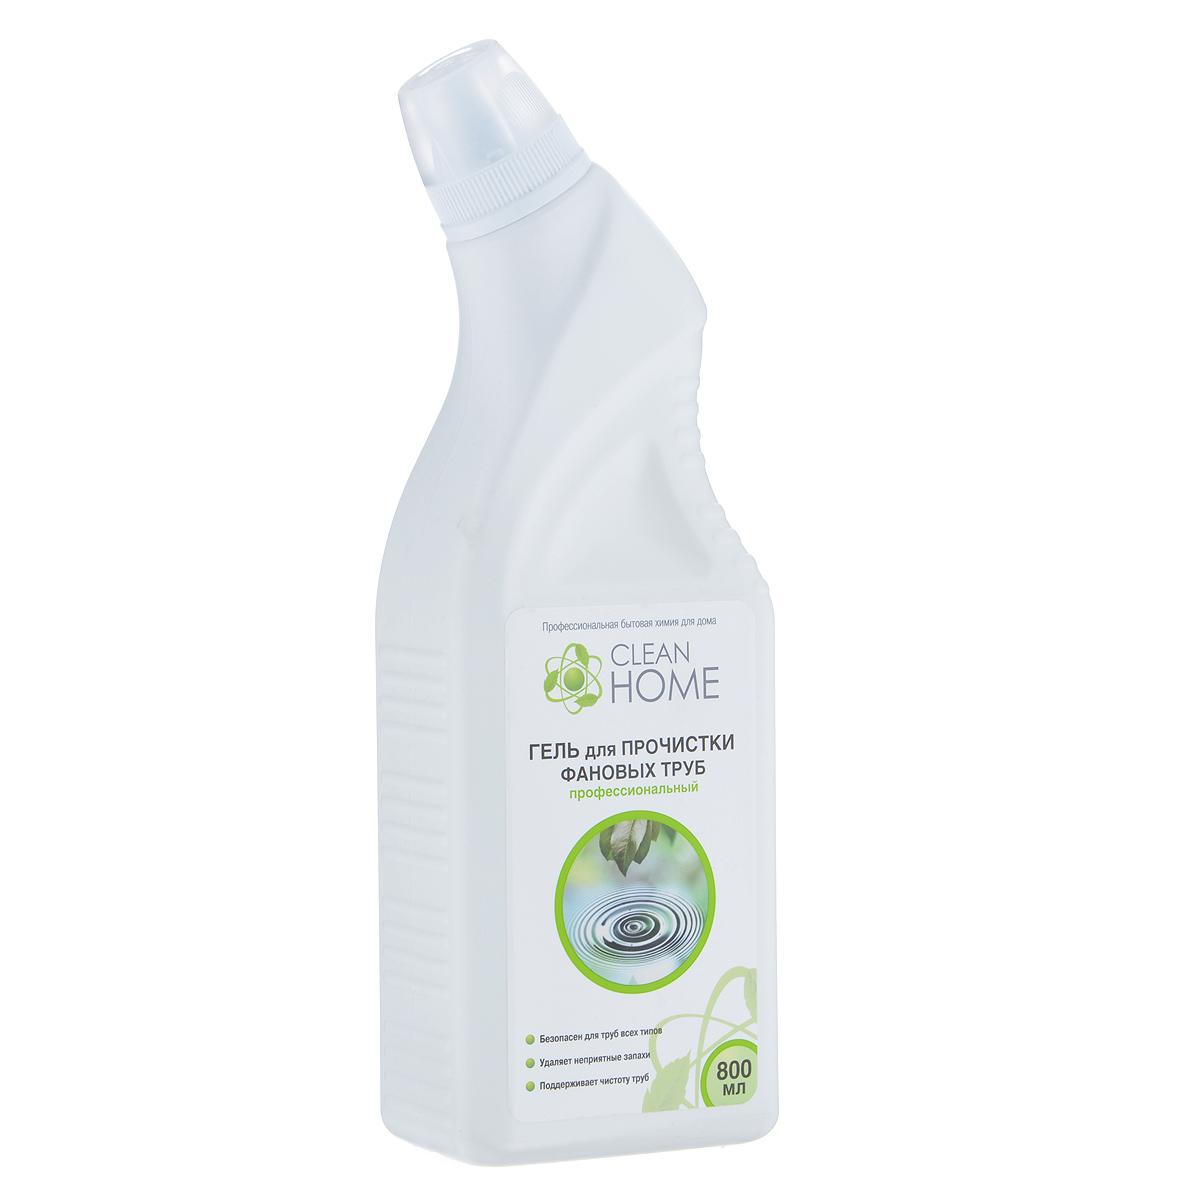 ГельClean Home, для прочистки фановых труб, 800 мл440Эффективное средство Clean Home предназначено для удаления засоров в канализационных трубах, сифонах, унитазах от органических загрязнений, пищевых остатков, жира, волос и бумаги. Удаляет неприятные запахи. Благодаря гелевой форме глубоко проникает в трубу даже при наличии в ней воды. Безопасен для всех видов металлических и пластиковых труб, позволяет продлить срок безотказной работы бытового сантехнического оборудования. Линия профессиональной бытовой химии для дома Clean Home представлена гаммой средств для стирки и уборки дома. Clean Home - это весь необходимый ряд высокоэффективных универсальных средств европейского качества. Состав: вода, гидроксид натрия, функциональные добавки.